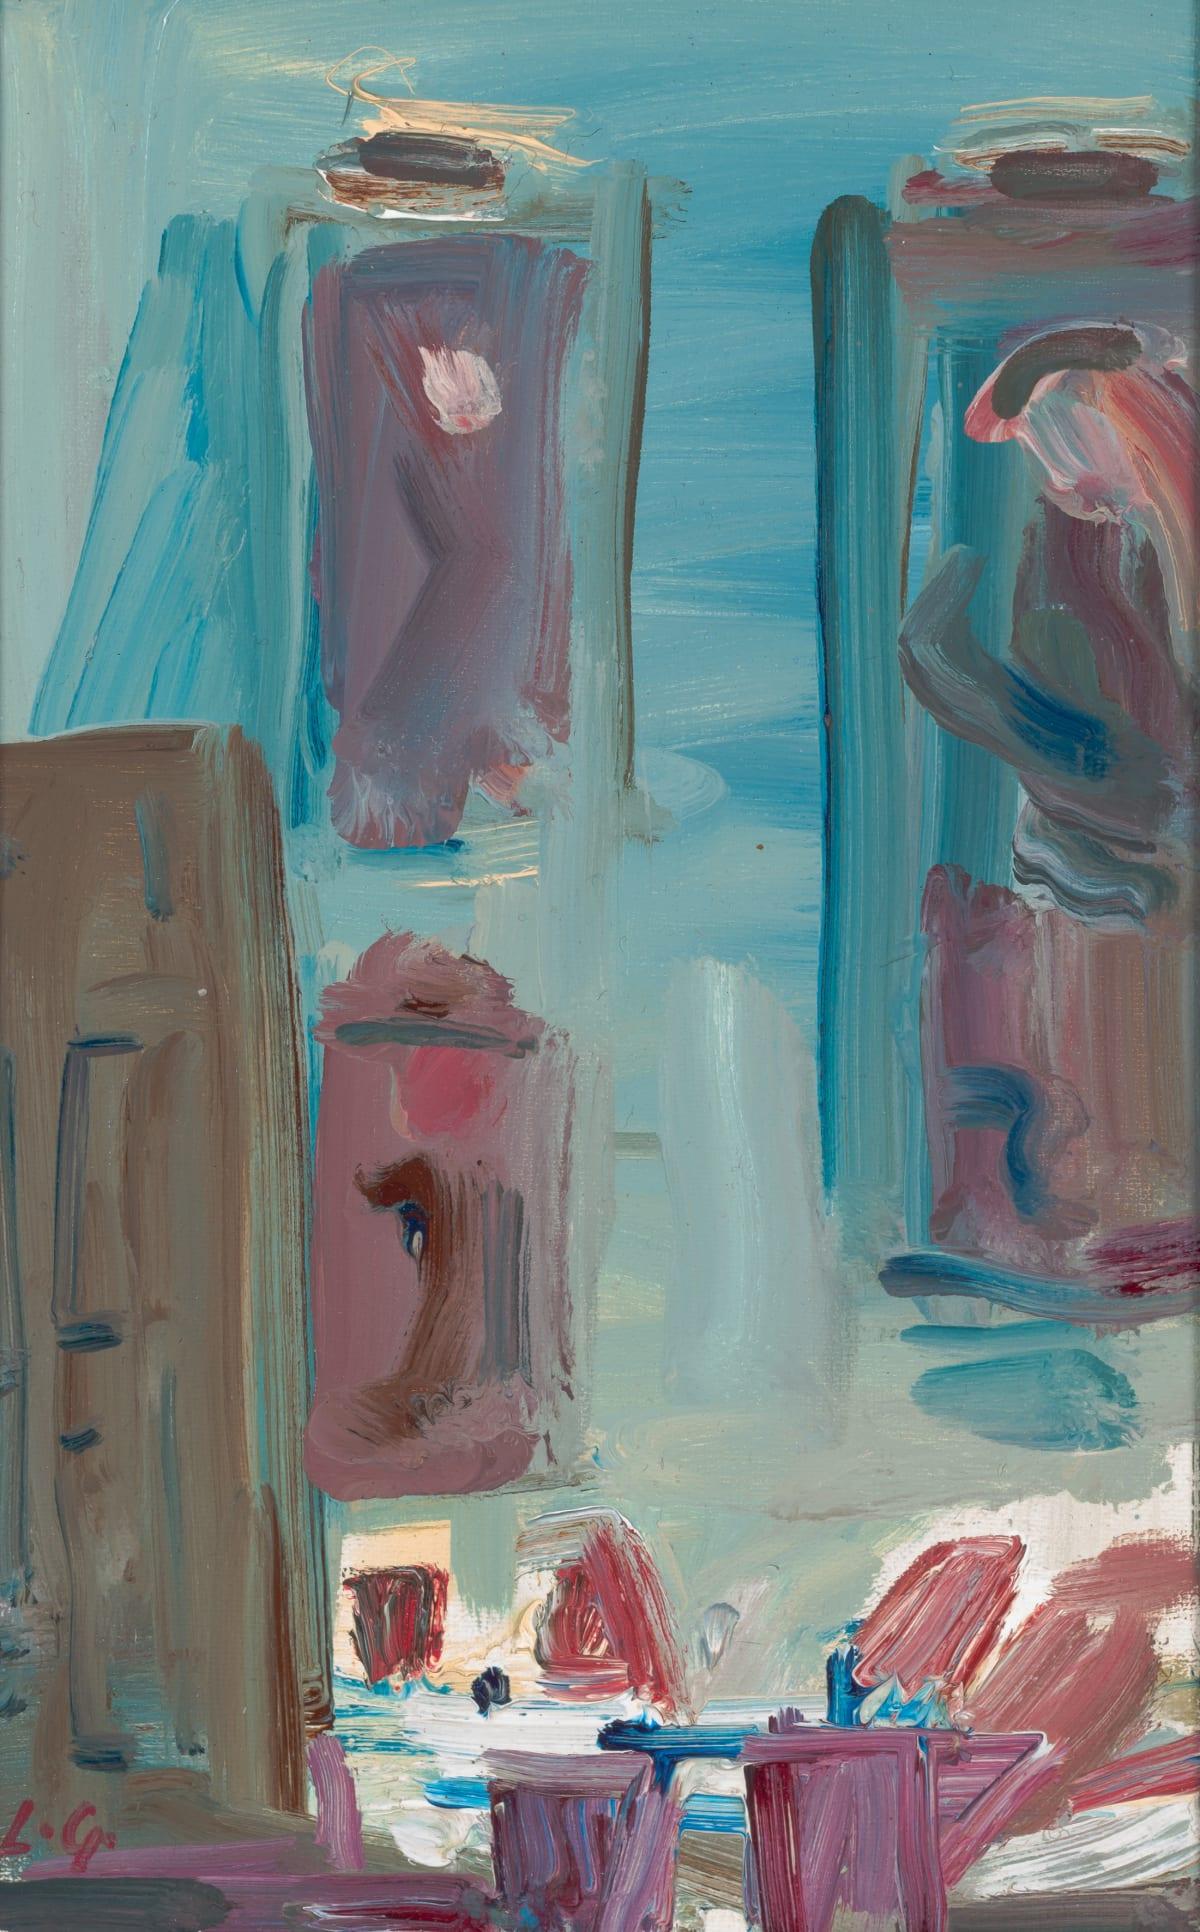 Lindy Guinness, Corner of Blue Light, 2020